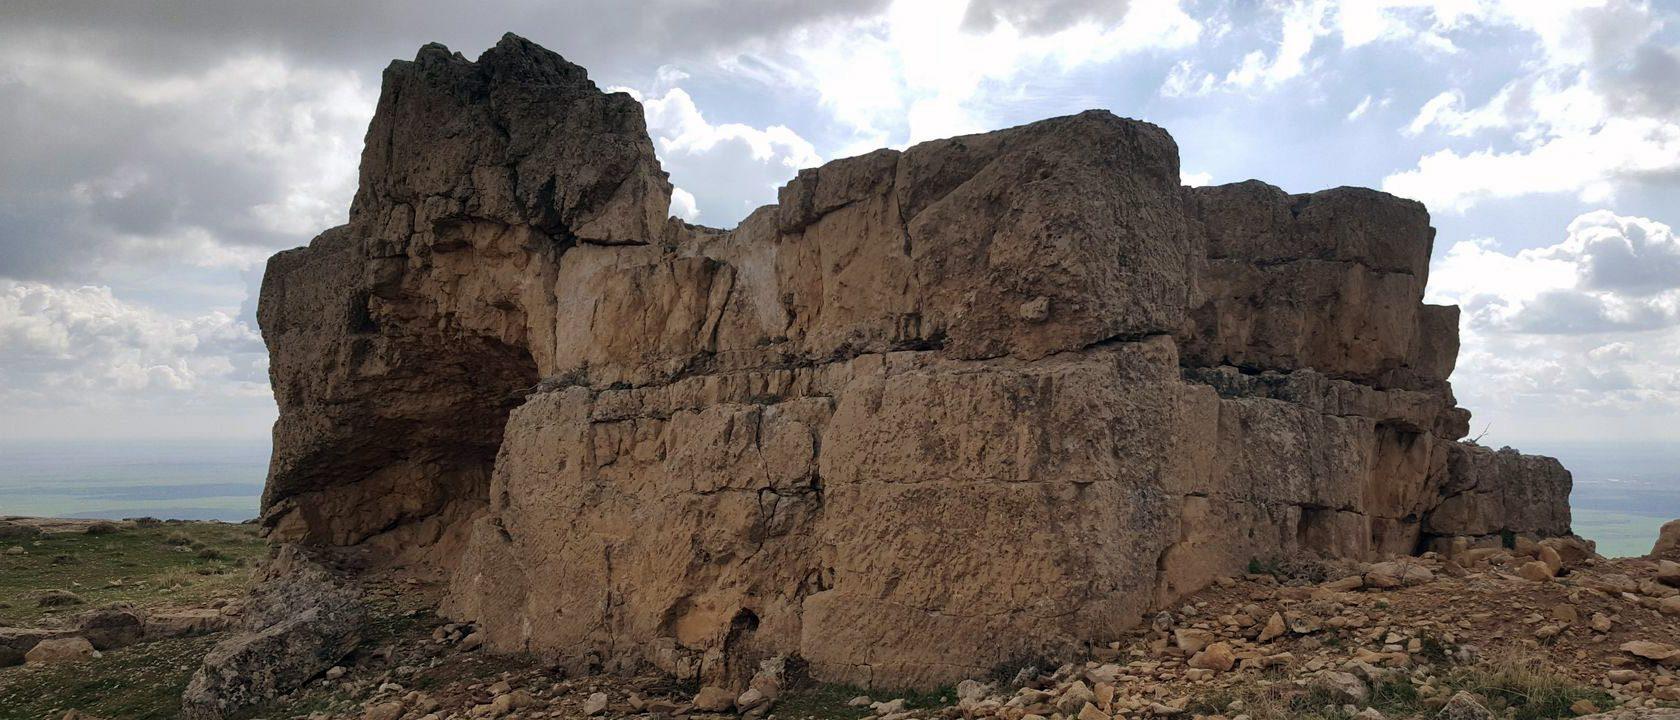 """Kız kalesi (""""Woman's fortess"""") near Mardin"""